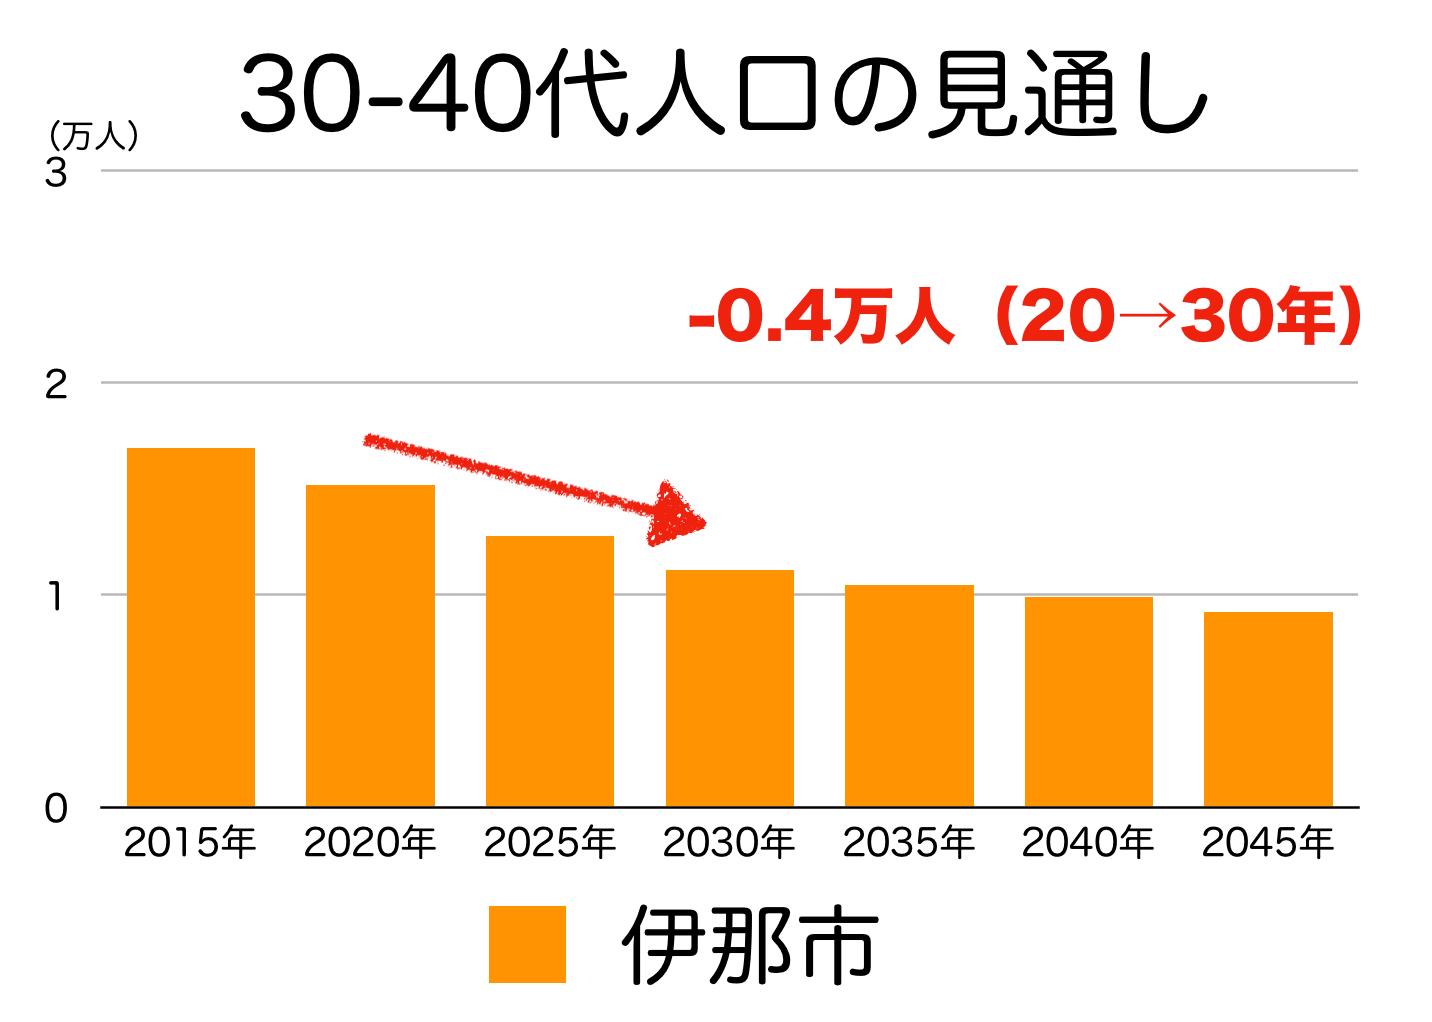 伊那市の30〜40代人口の予測